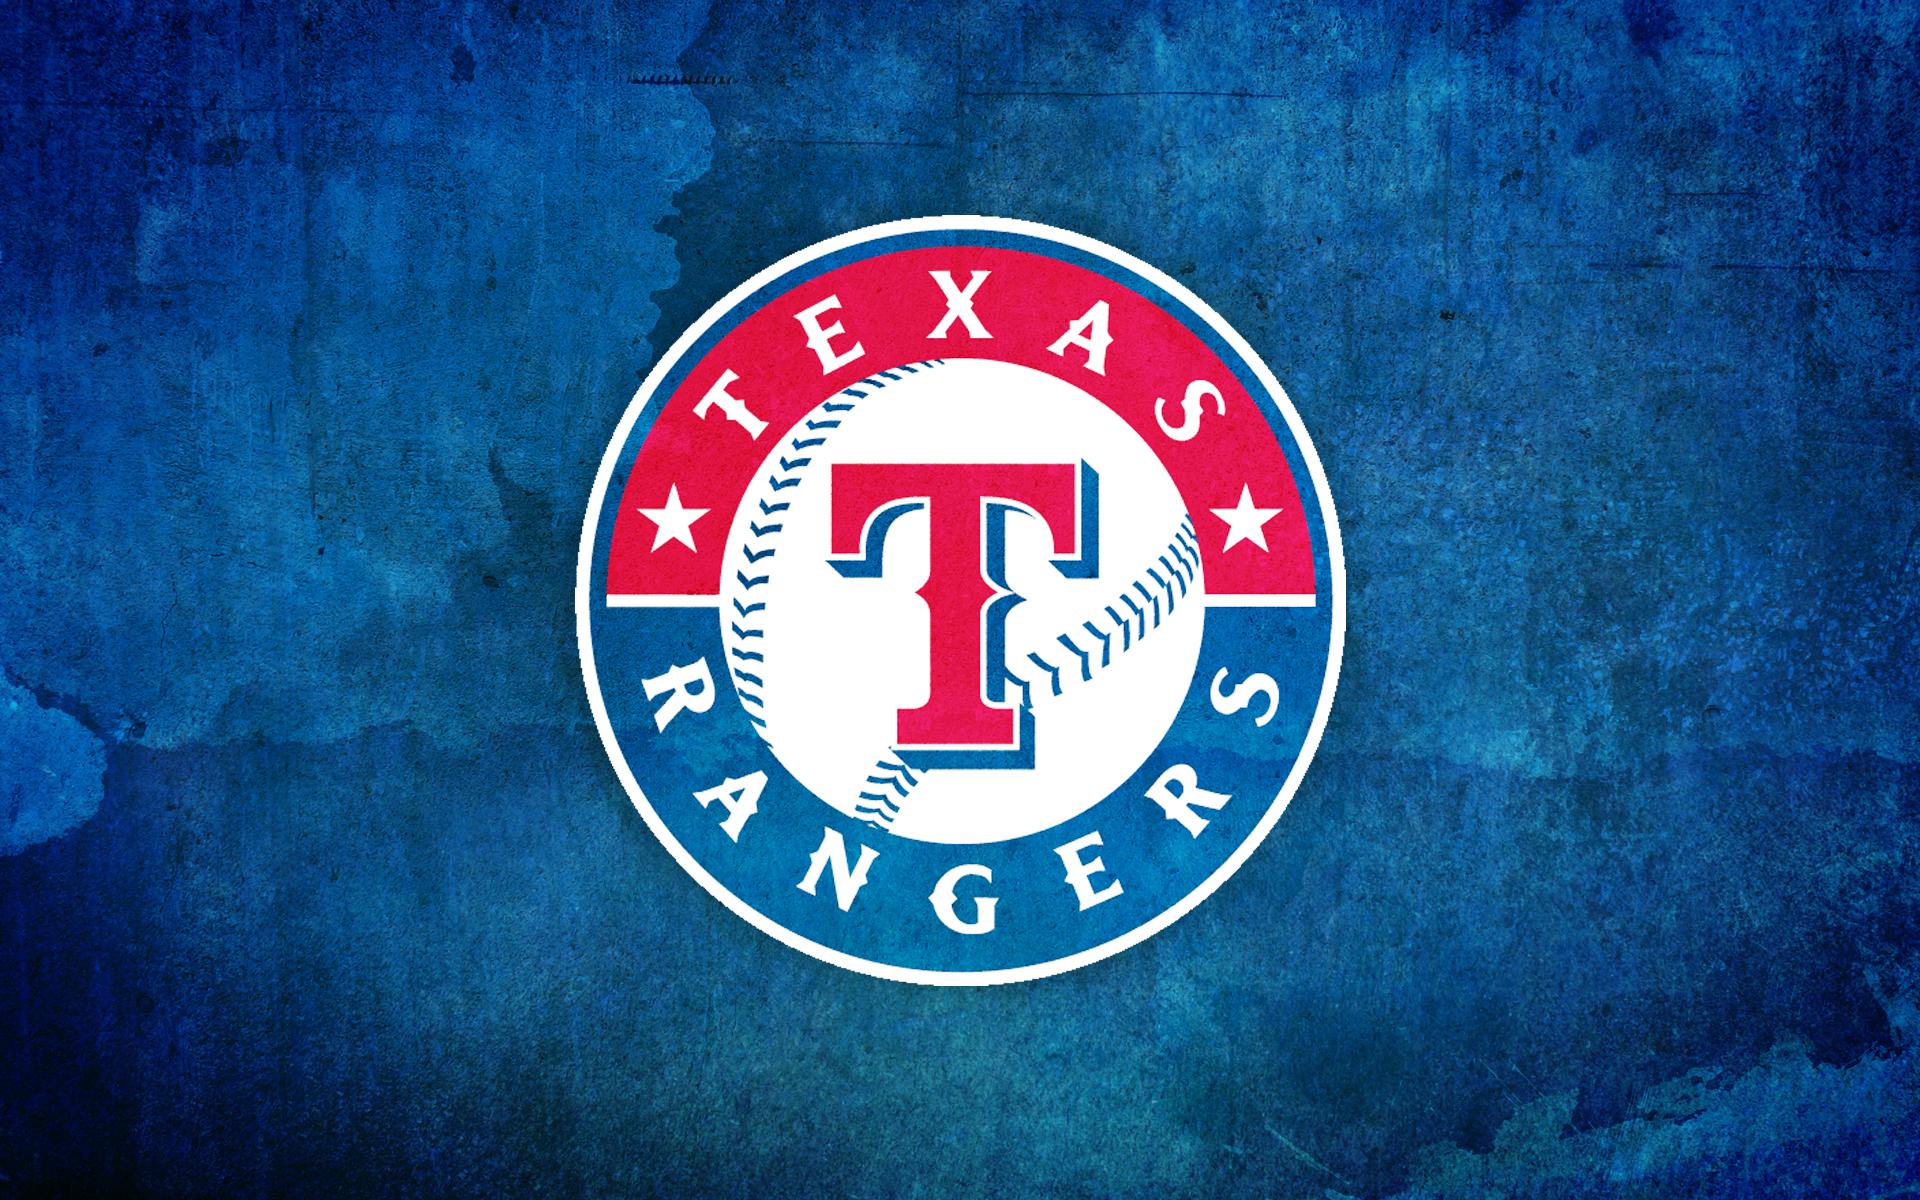 Texas Rangers wallpaper   382058 1920x1200